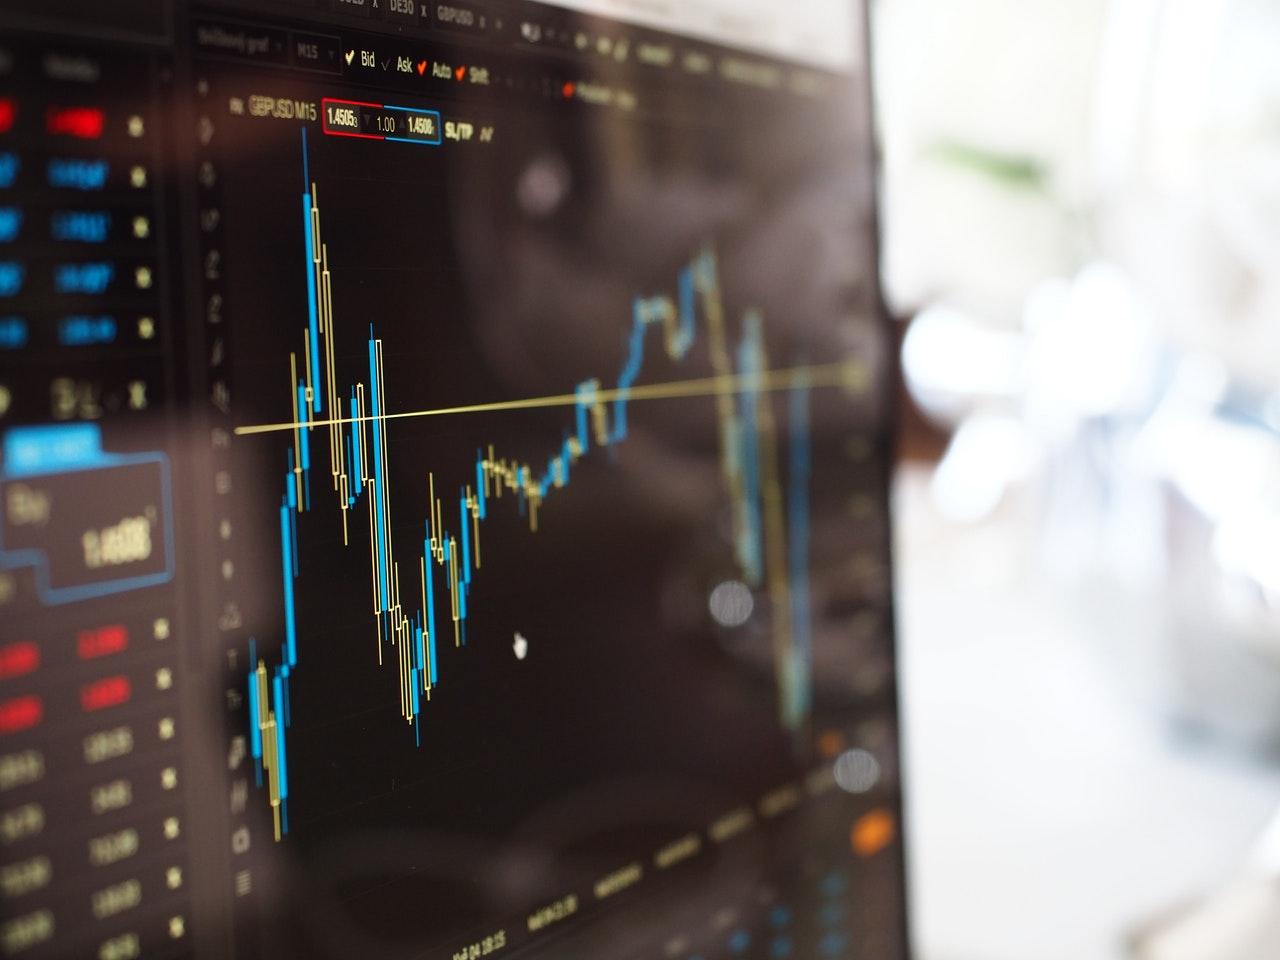 Graphique avec des courbes, investissement en bourses, action, CAC40